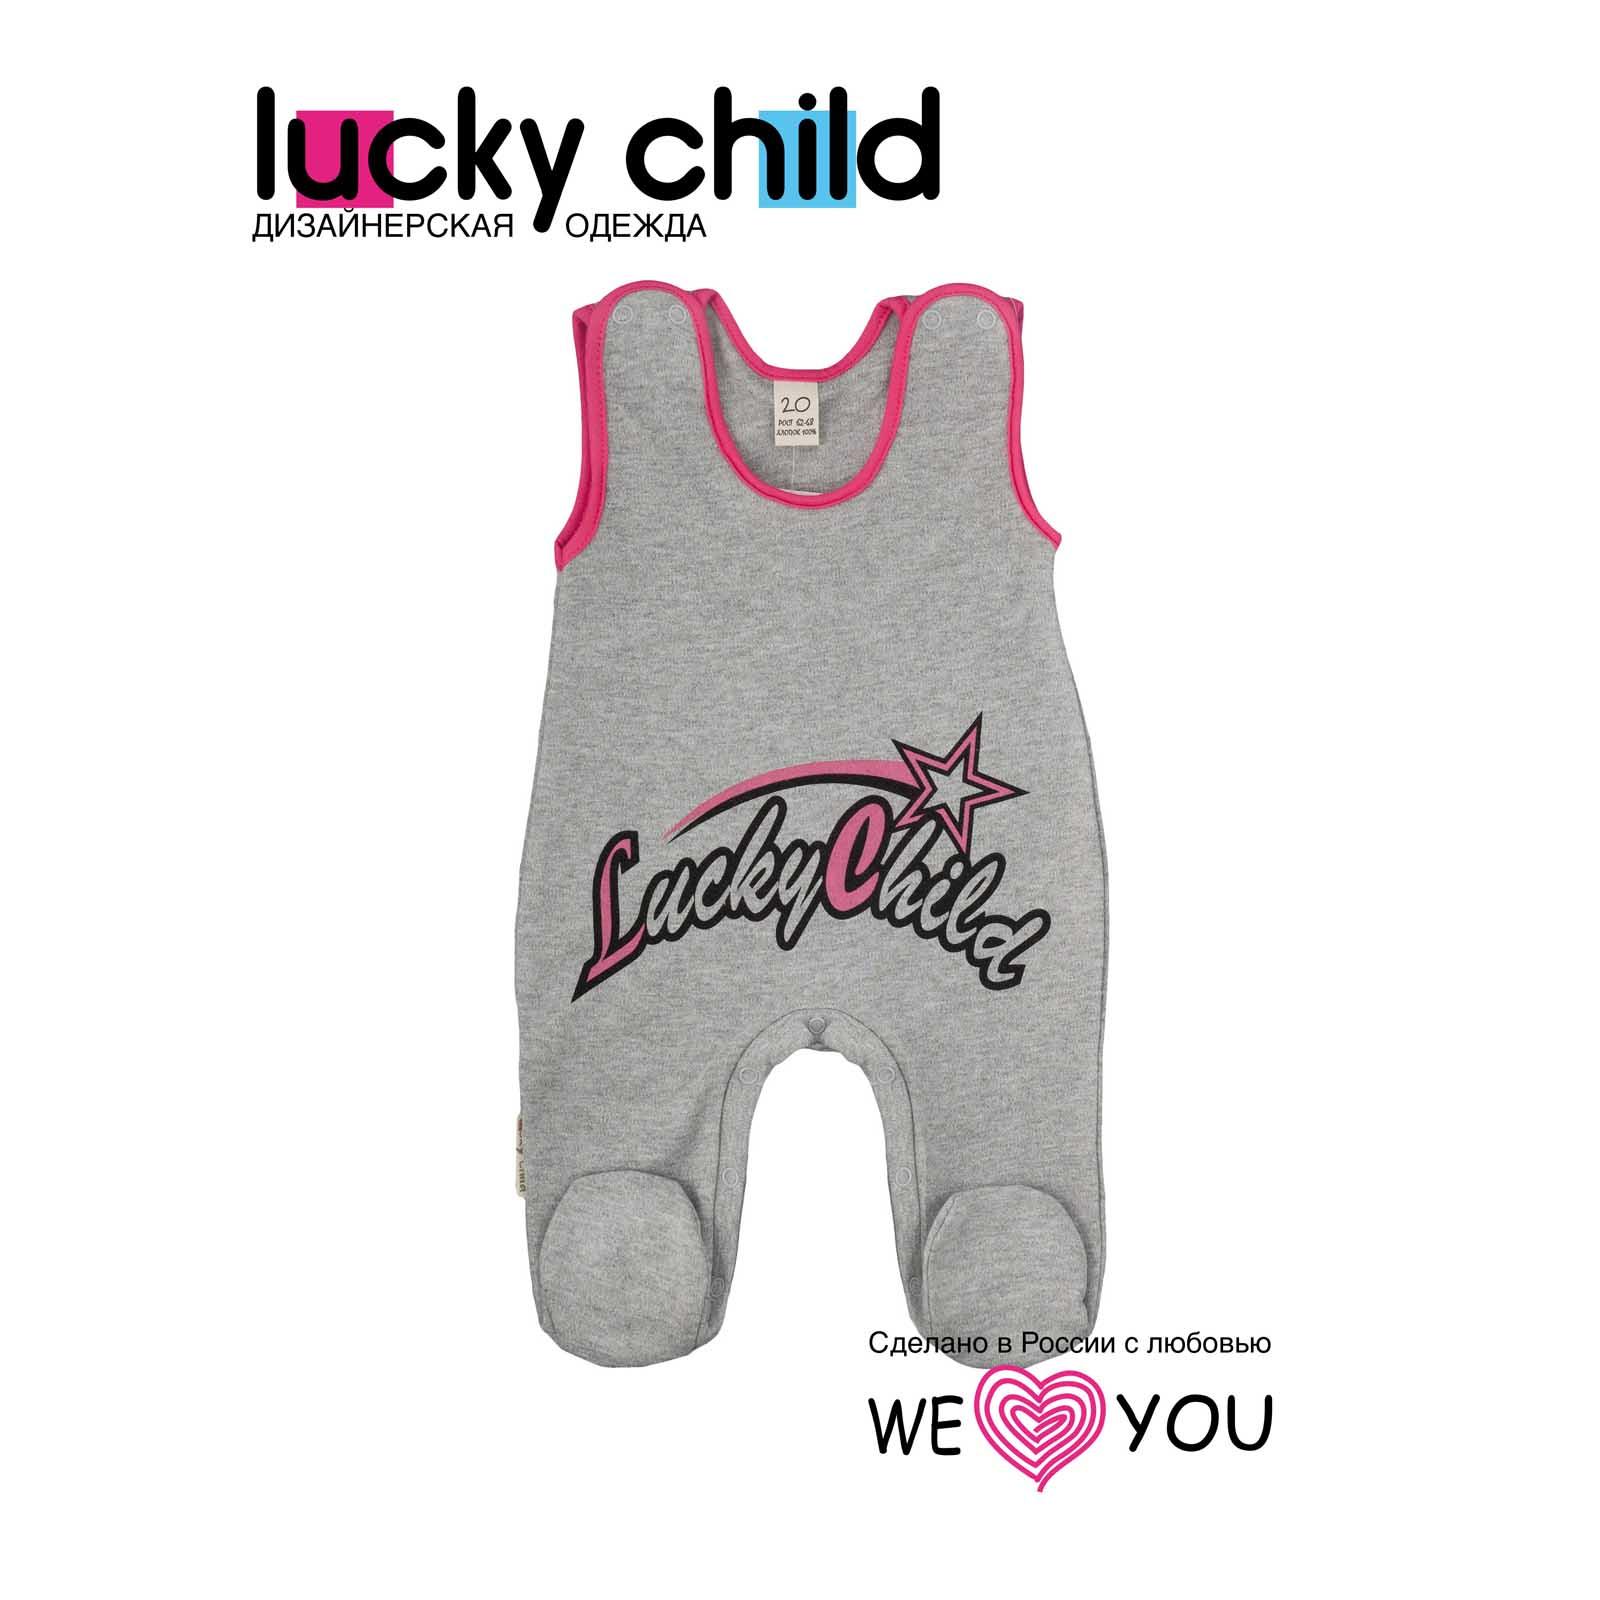 Ползунки высокие Lucky Child Лаки Чайлд  коллекция Спортивная линия,  для девочки серые с принтом размер 80<br>